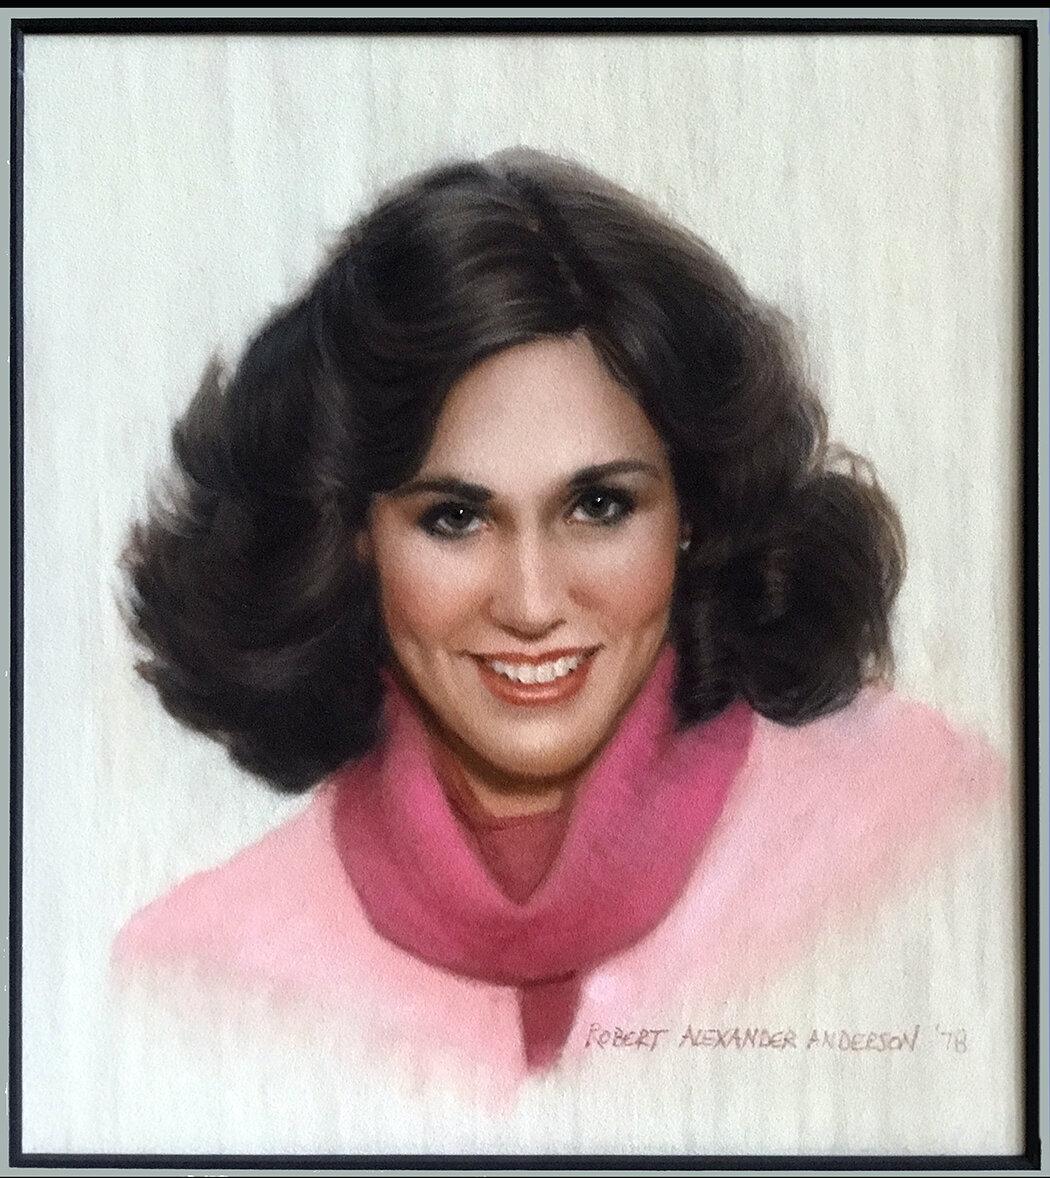 RAnderson_Erin Gray_Breck Shampoo TV Illustration_1978.jpg